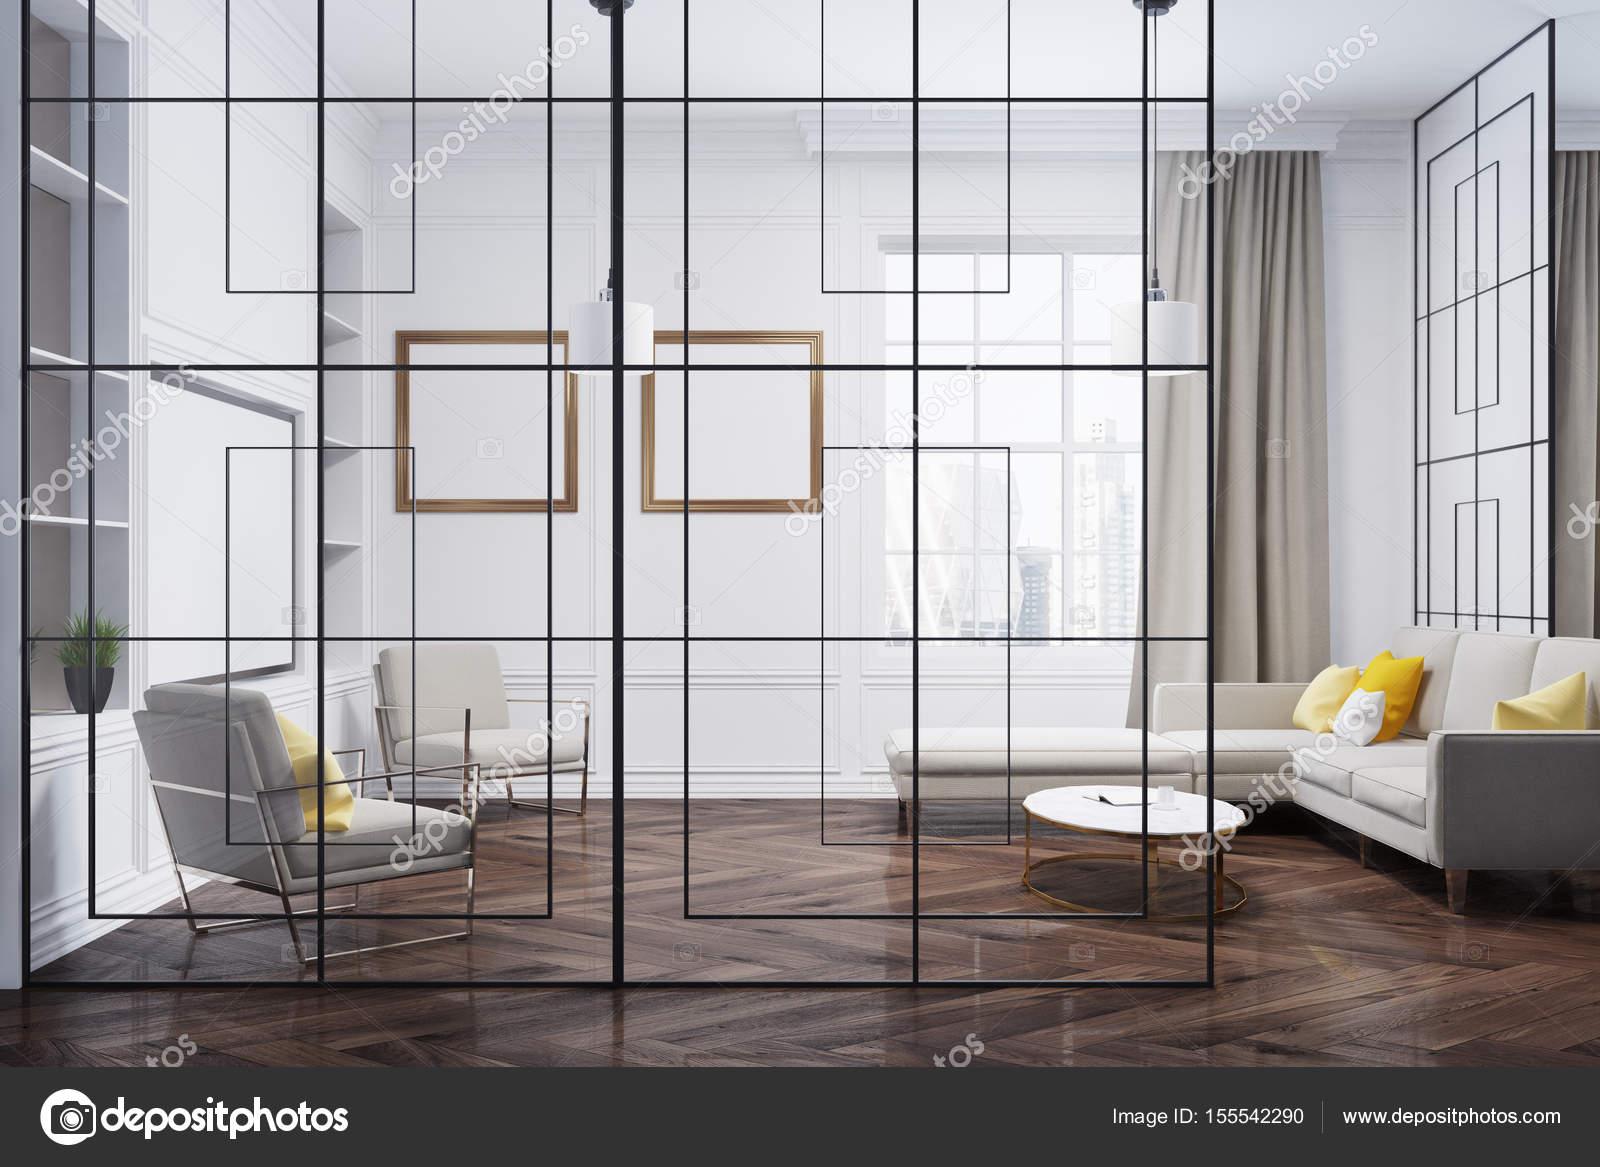 Glas Wand Galerie Wohnzimmer Stockfoto Denisismagilov 155542290